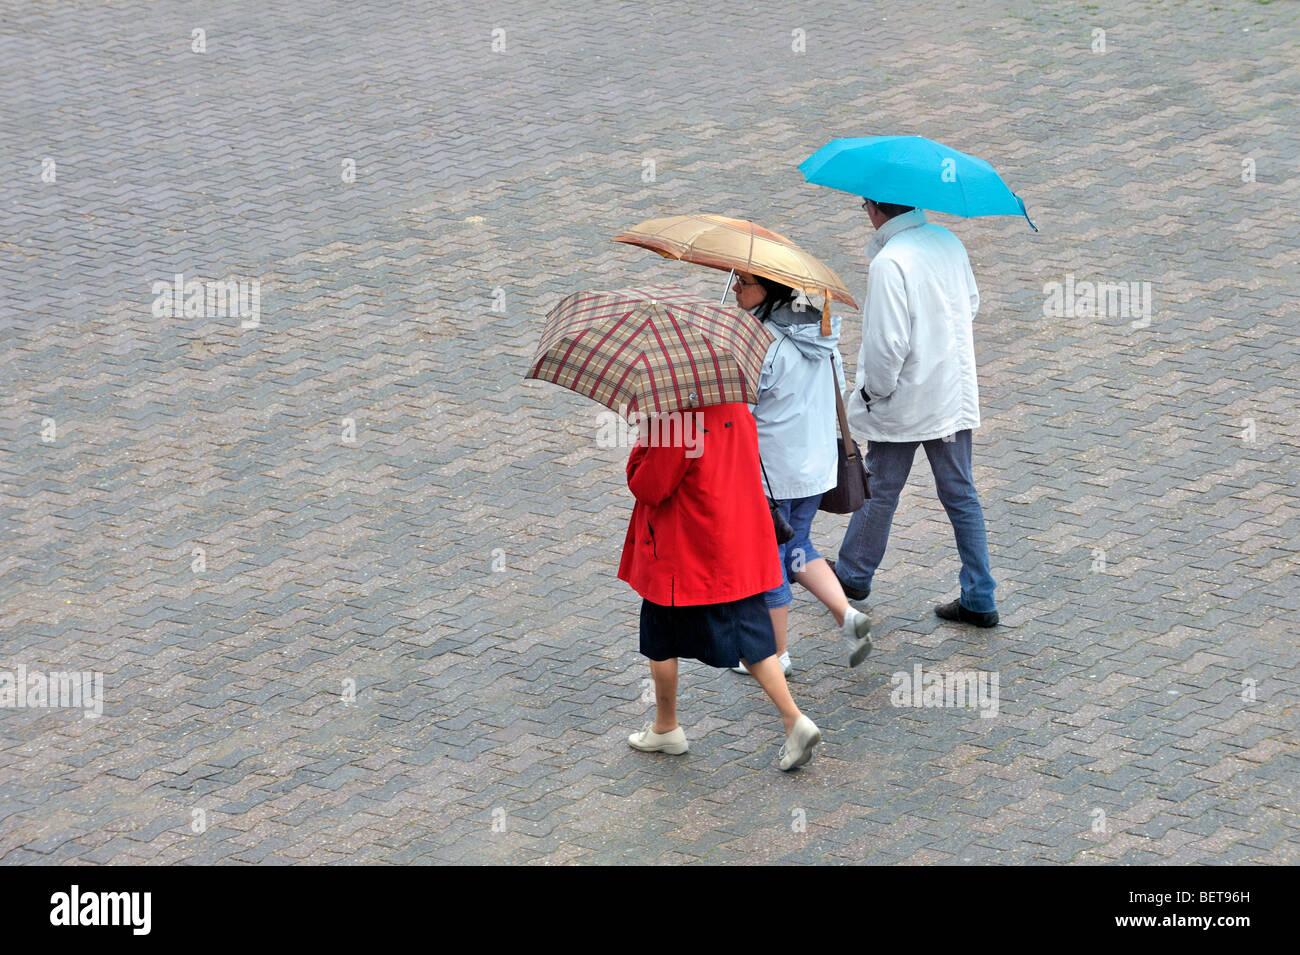 Touristen mit Regenschirme und Regenmäntel an regnerischen Tag im Regen im Badeort an der Küste entlang Stockbild